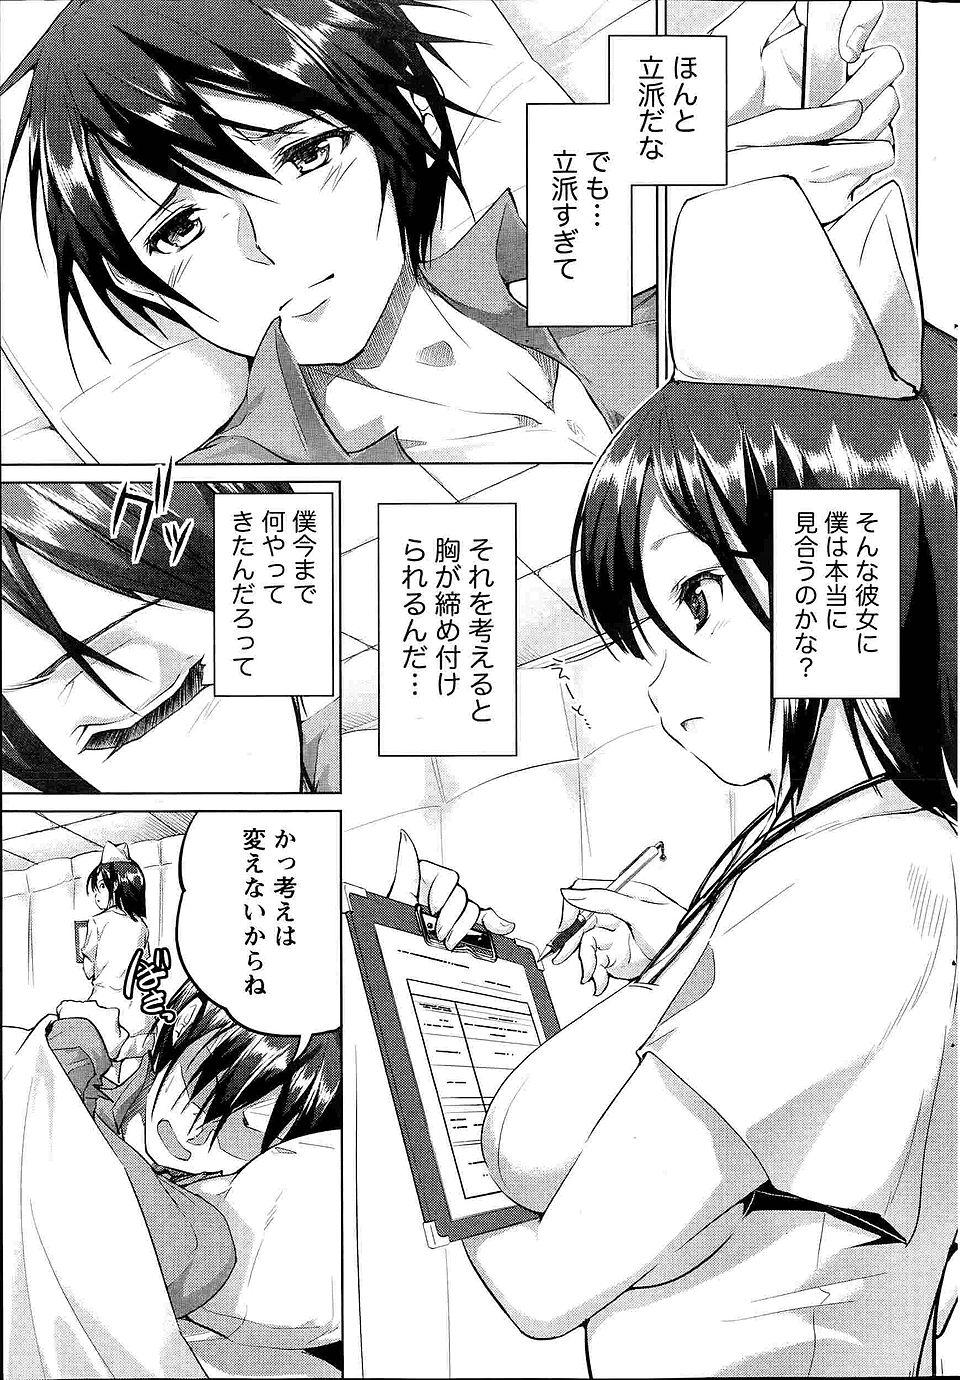 【エロ漫画・エロ同人誌】巨乳でナースの彼女と別れ話してたら虫垂炎になって入院しちゃったw夜に彼女がやって来て謝ったら仲直りのラブラブセックス開始www (5)